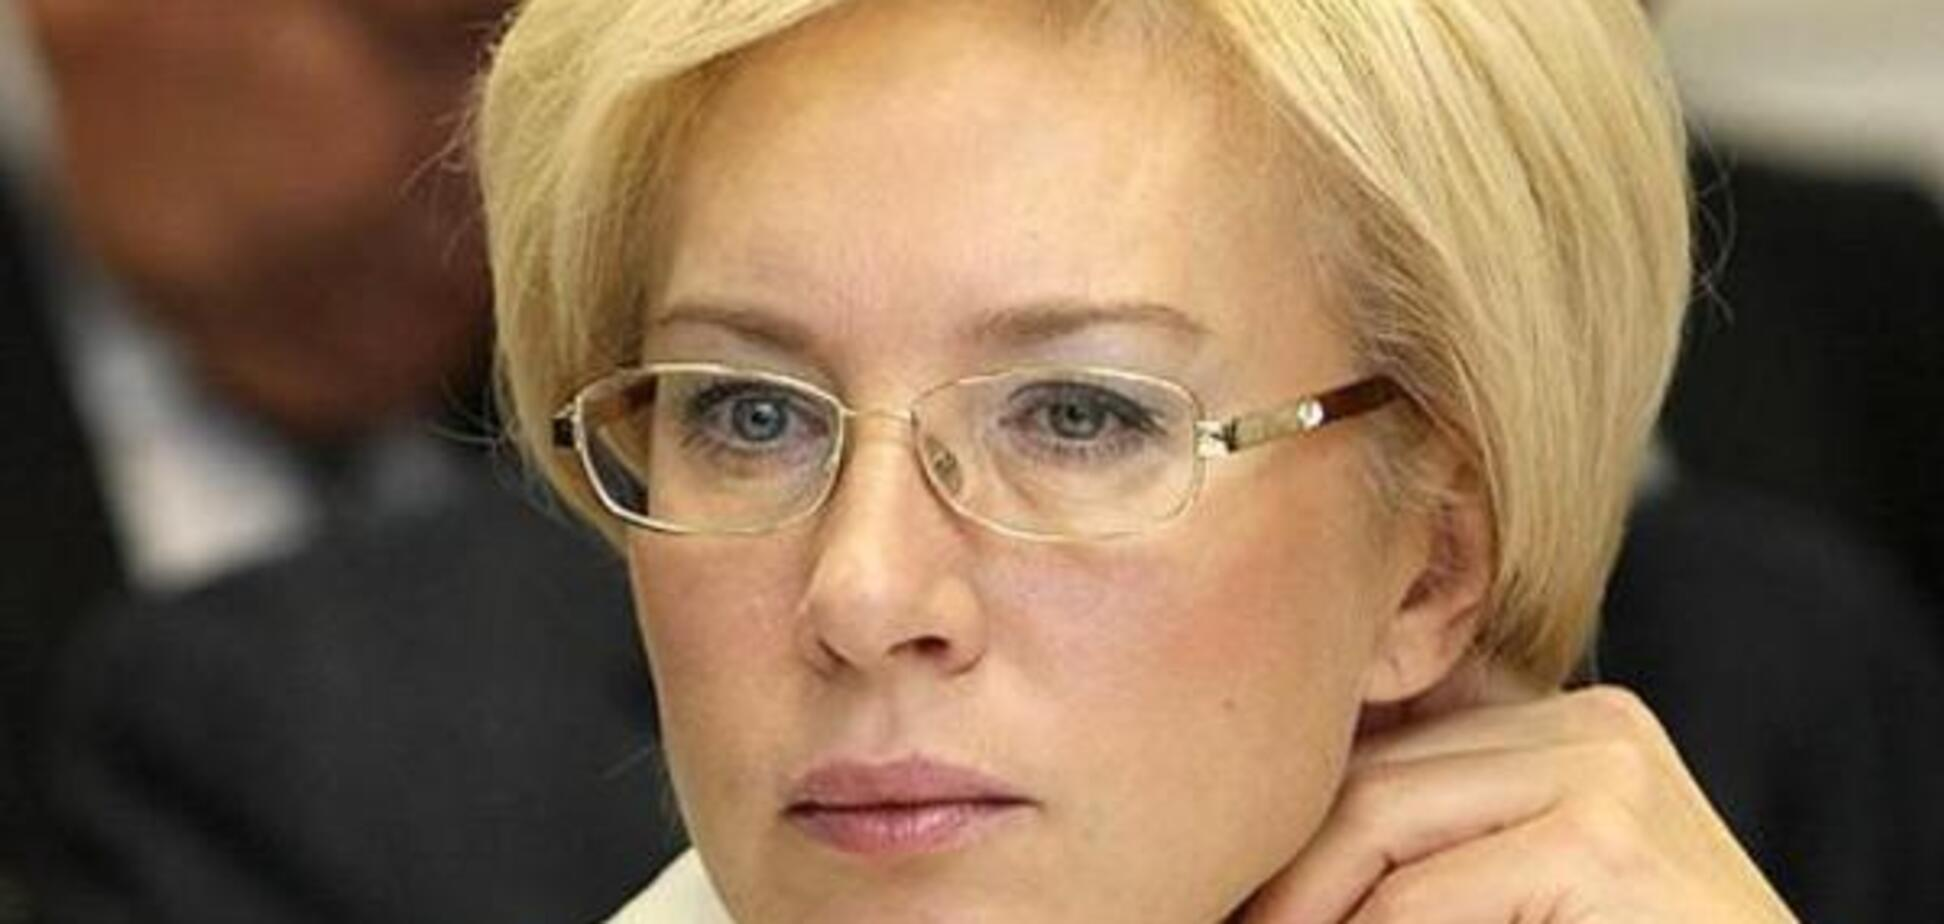 Утаила миллионы дохода: украинского омбудсмена уличили во лжи в декларации